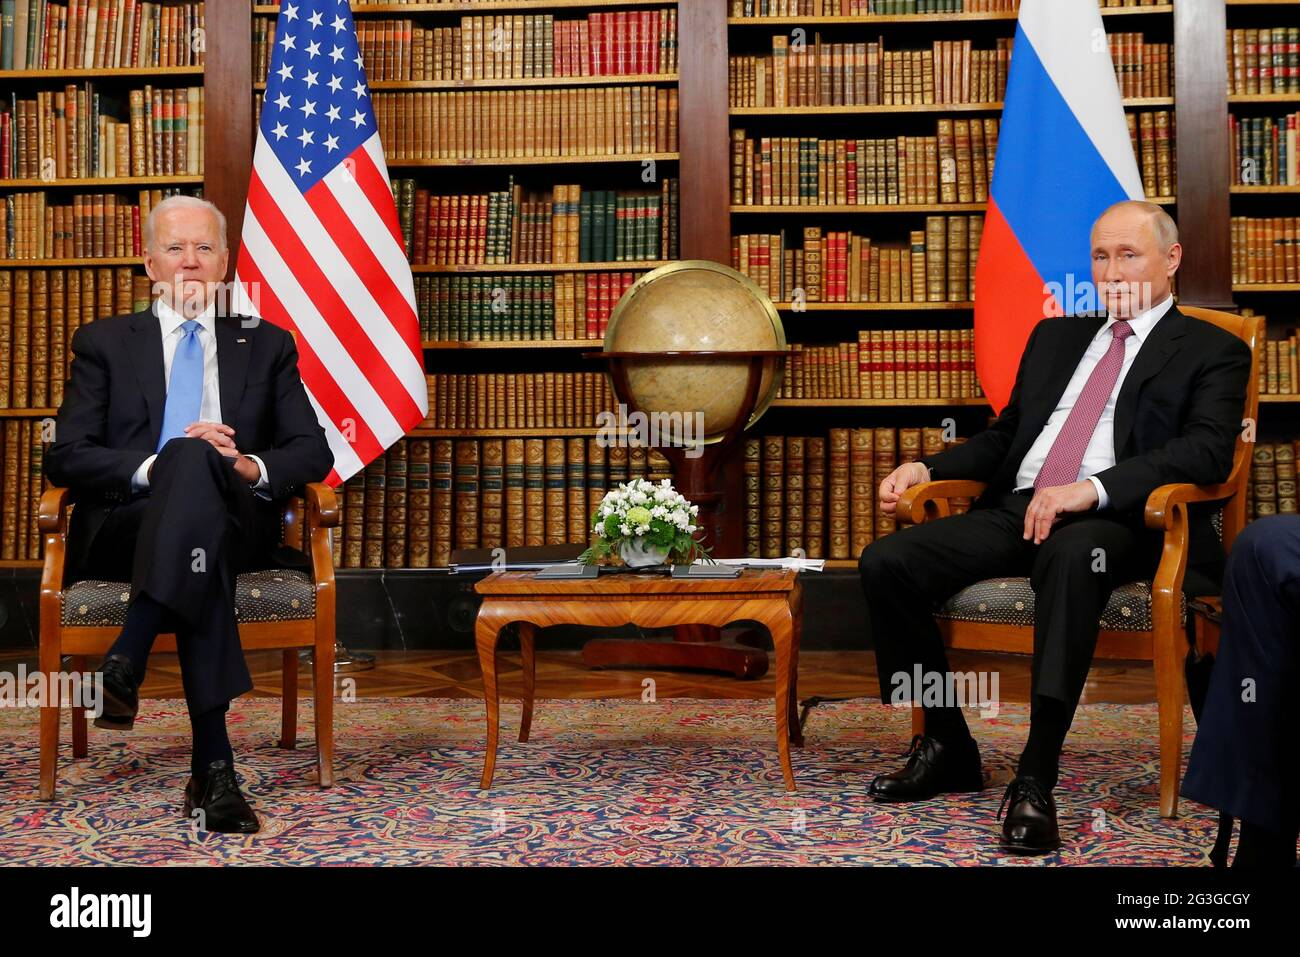 Il presidente degli Stati Uniti Joe Biden e il presidente russo Vladimir Putin si incontrano per il vertice USA-Russia a Villa la Grange a Ginevra, Svizzera, il 16 giugno 2021. REUTERS/Denis Balibouse/Pool Foto Stock